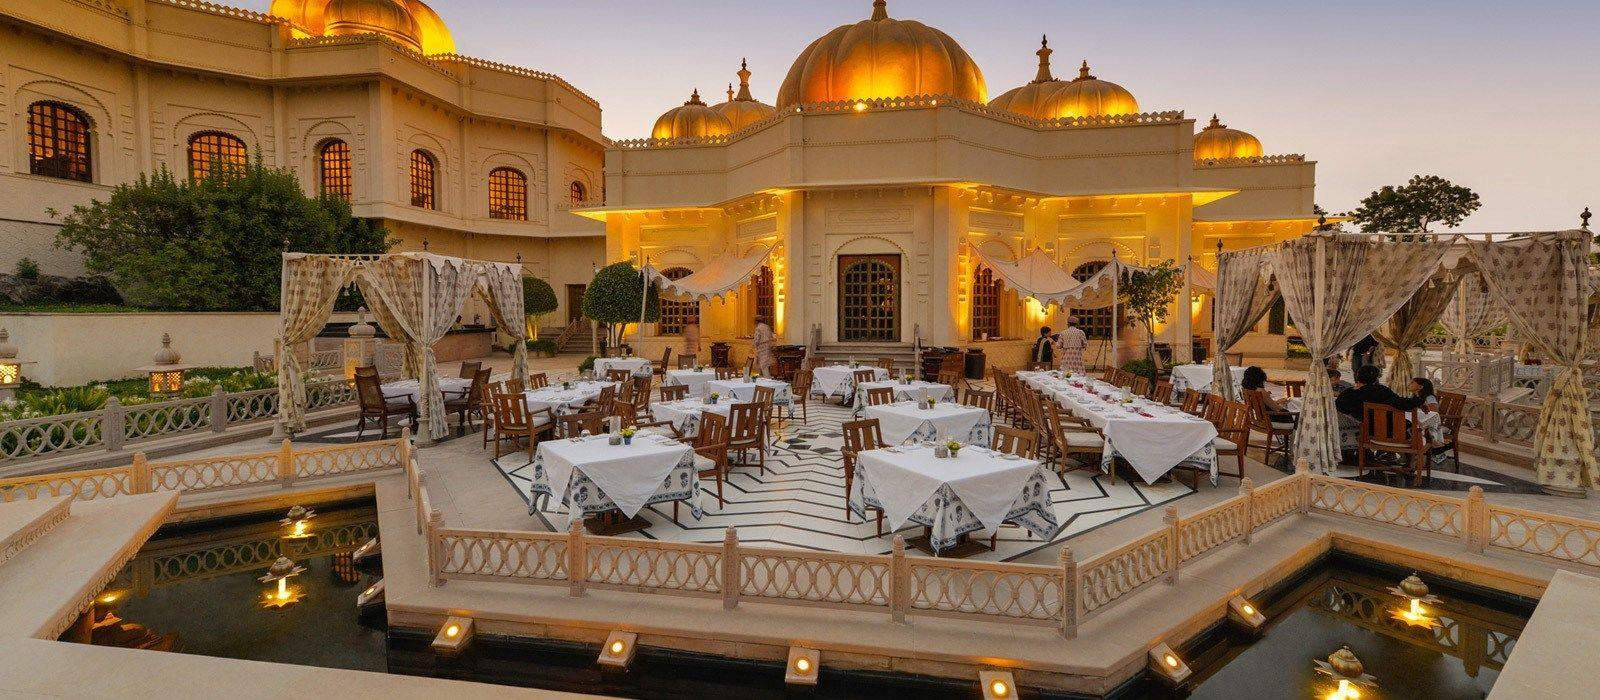 Luxus pur im Land der Maharadschas: Nordindien entdecken mit Oberoi Hotels Urlaub 4